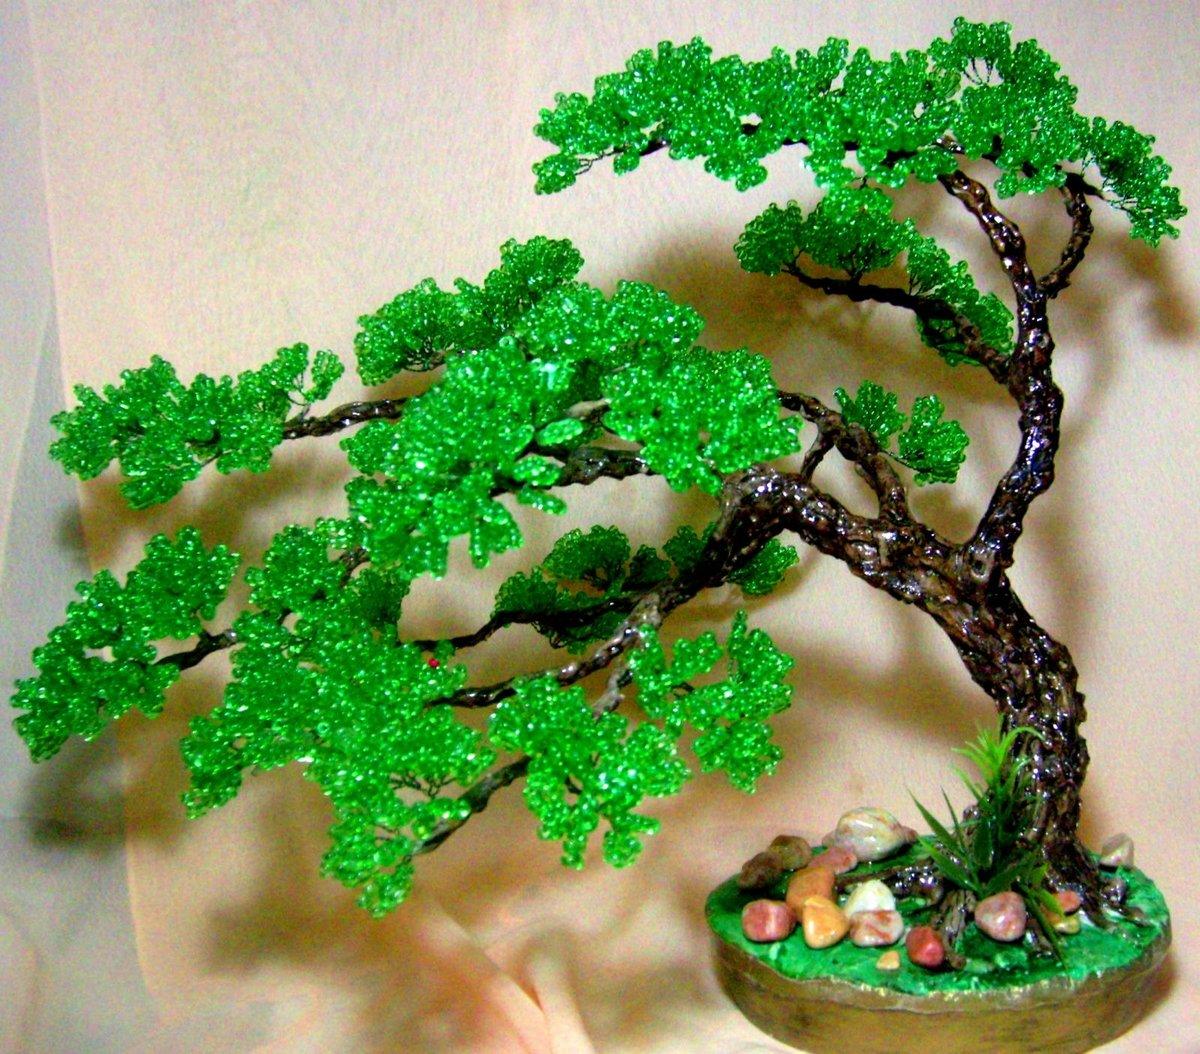 священный поделка из бисера дерево для начинающих киоск нужно некотором